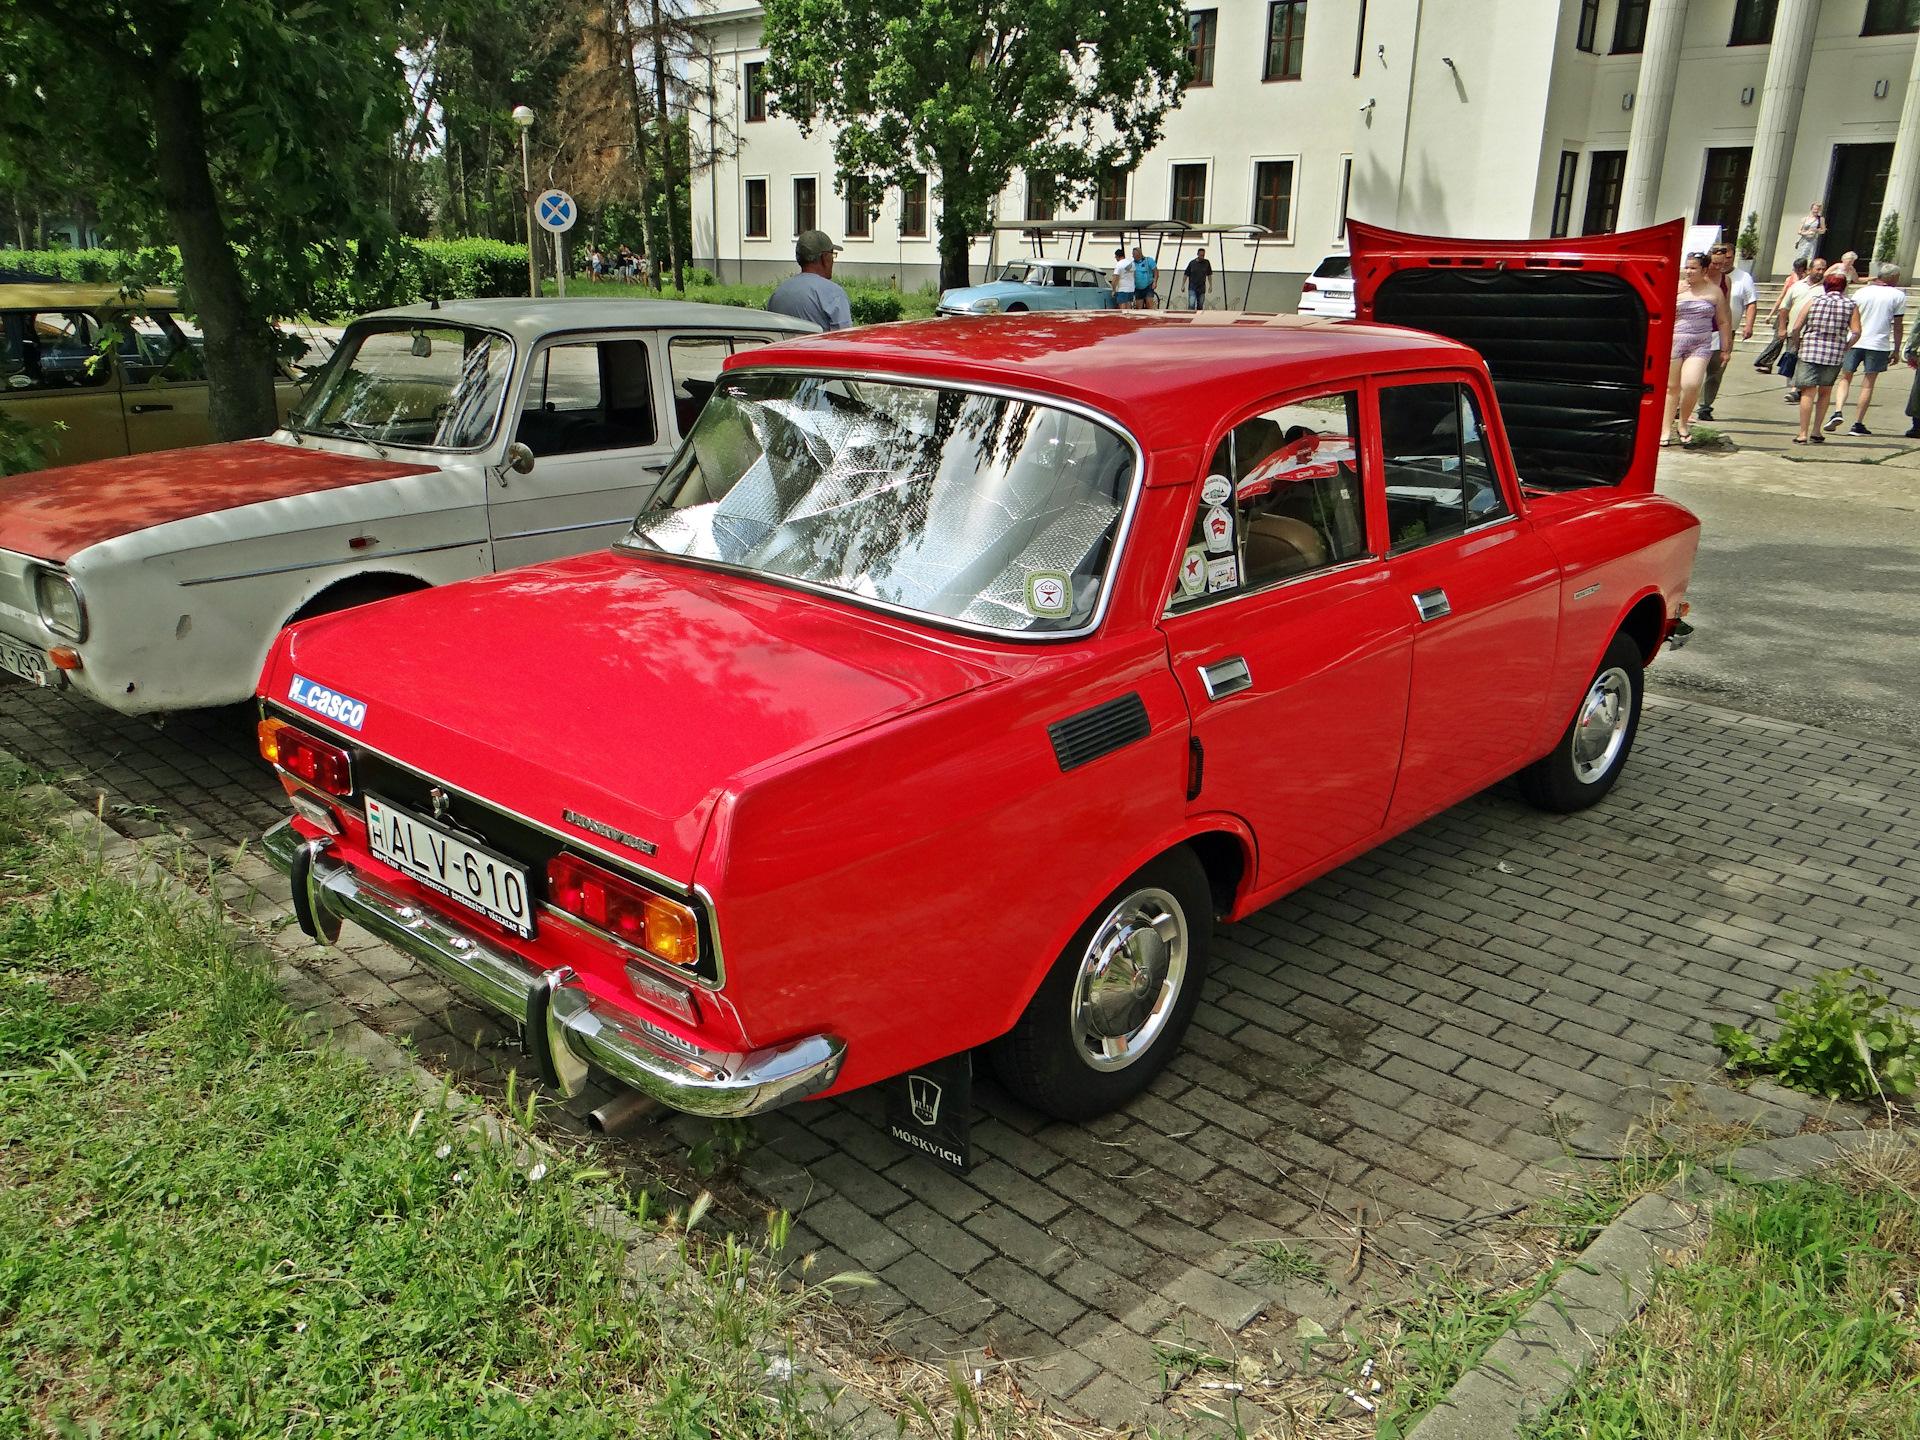 русские машины картинки и названия